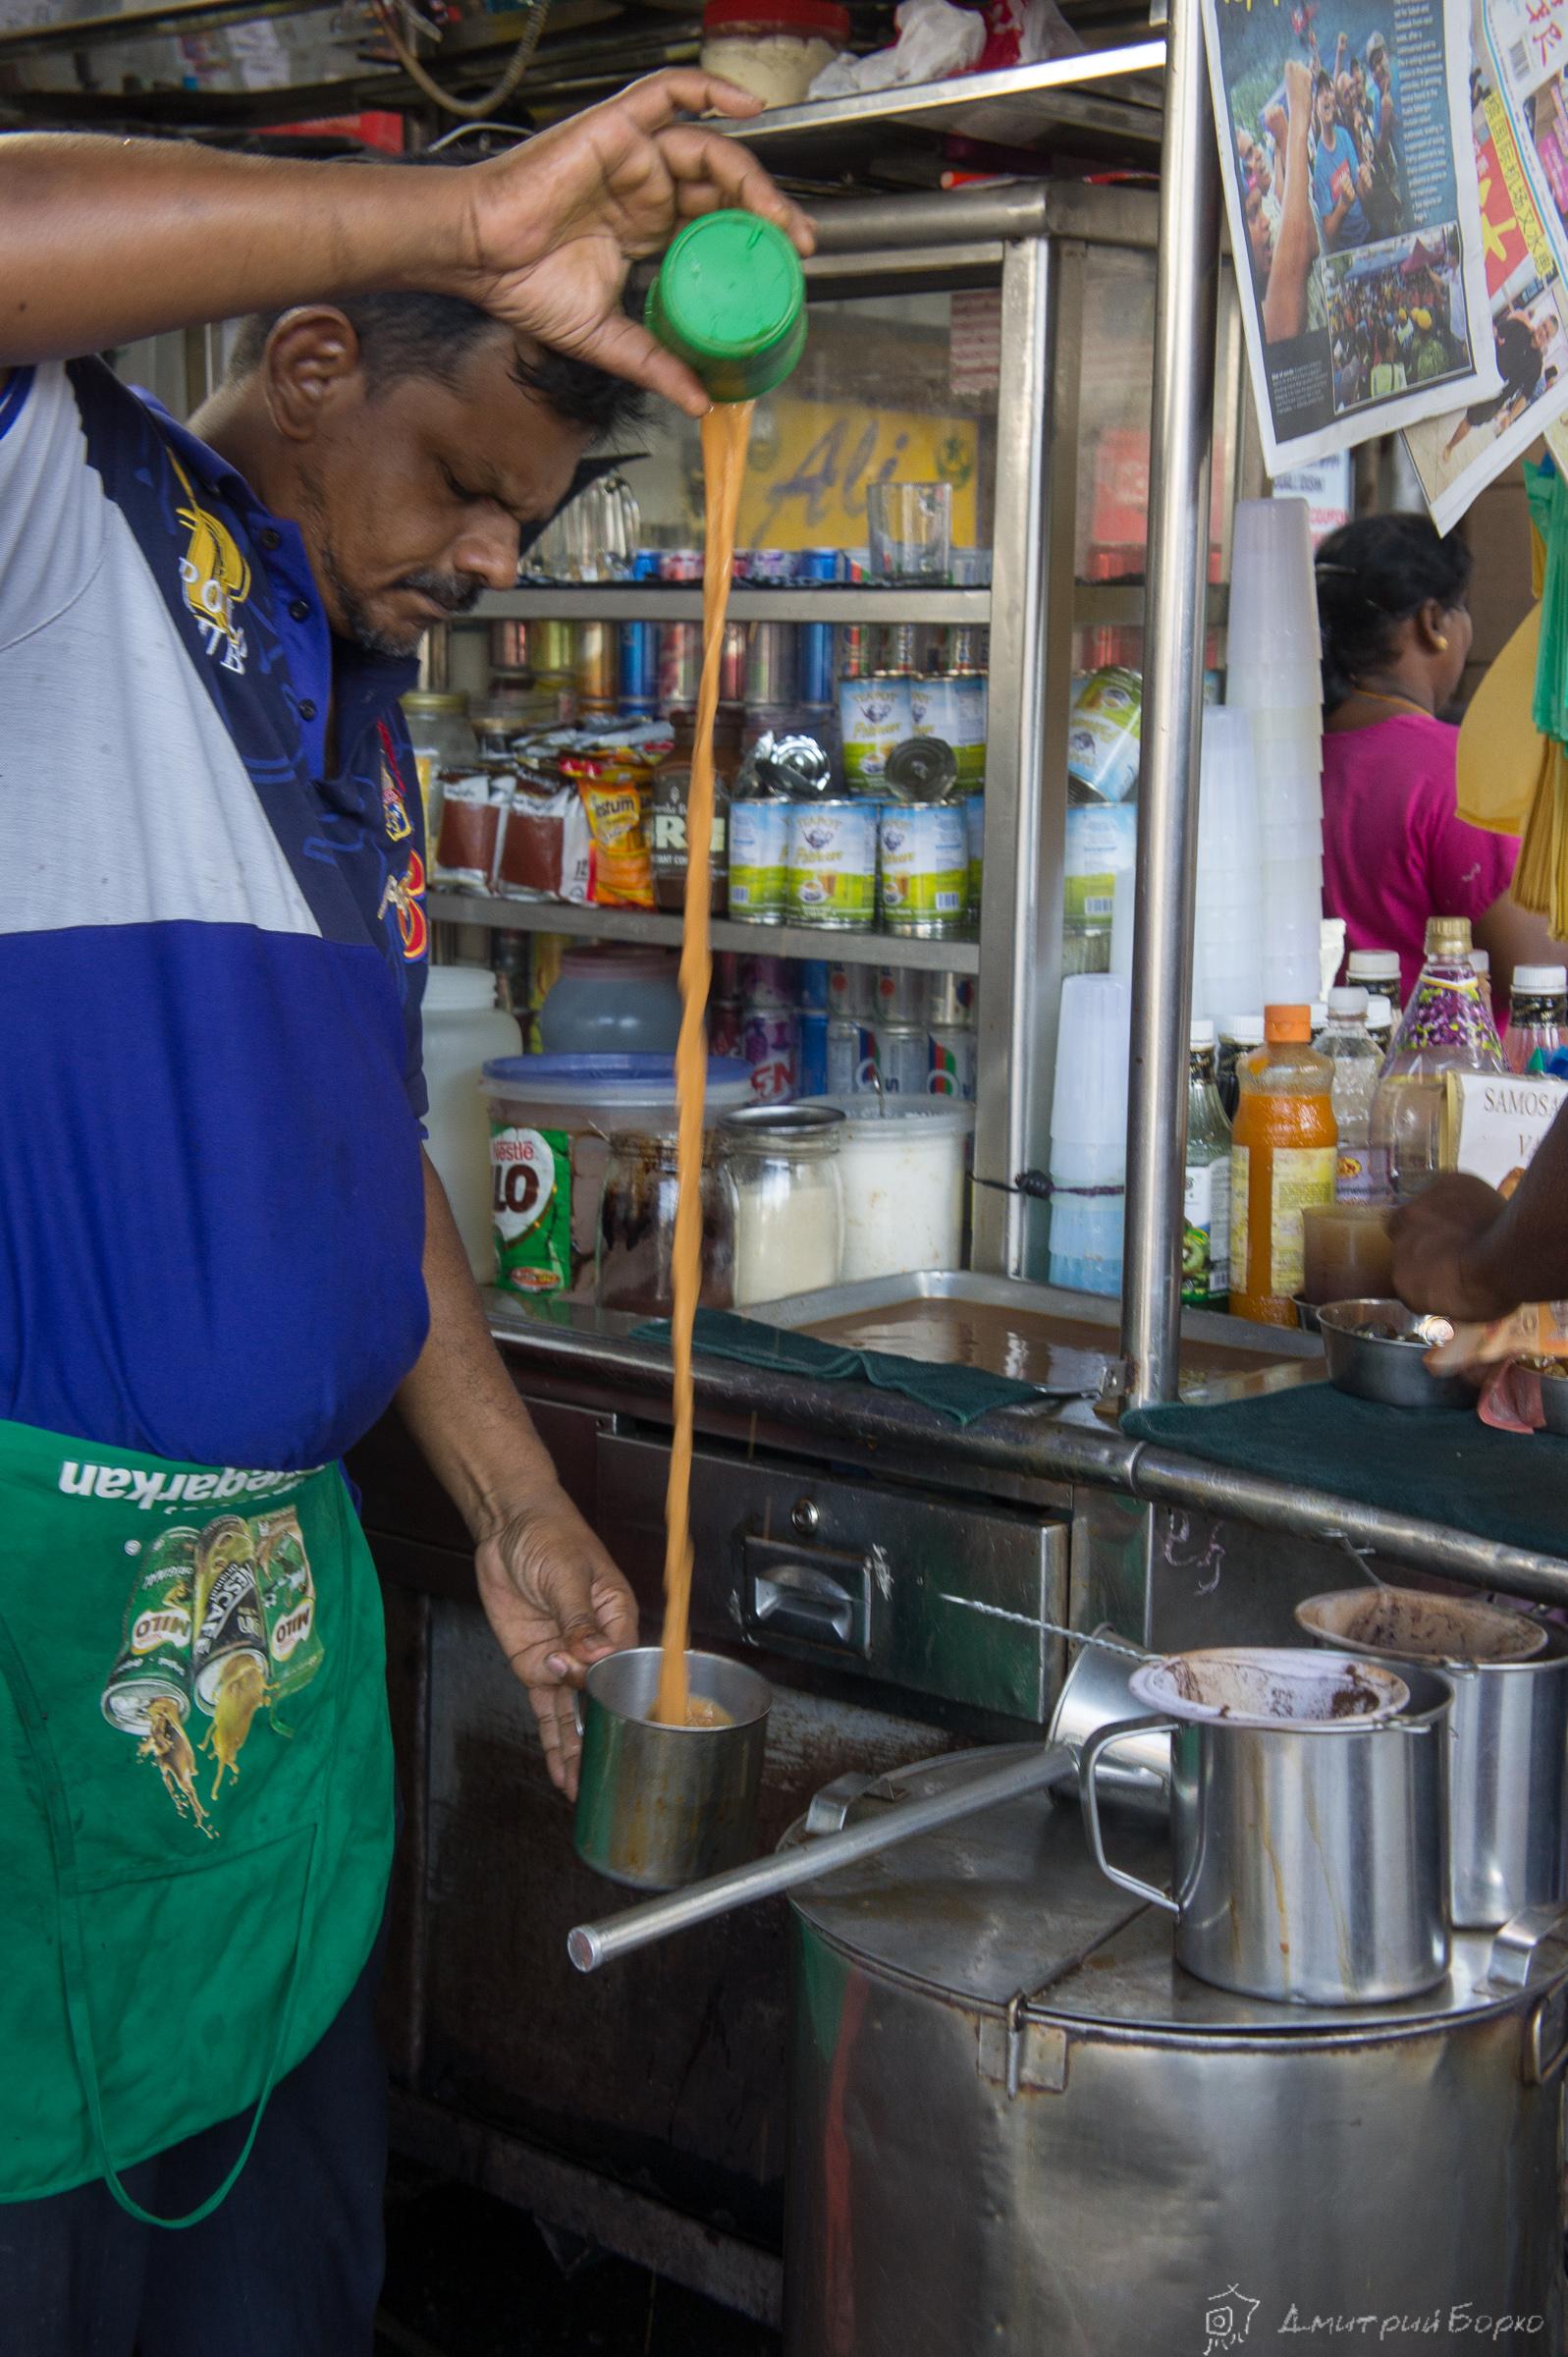 """Приготовление """"Тех тарик"""" - крепкий сладкий чай с молоком, это уже мое любимое, знакомое и по югу Таиланда."""